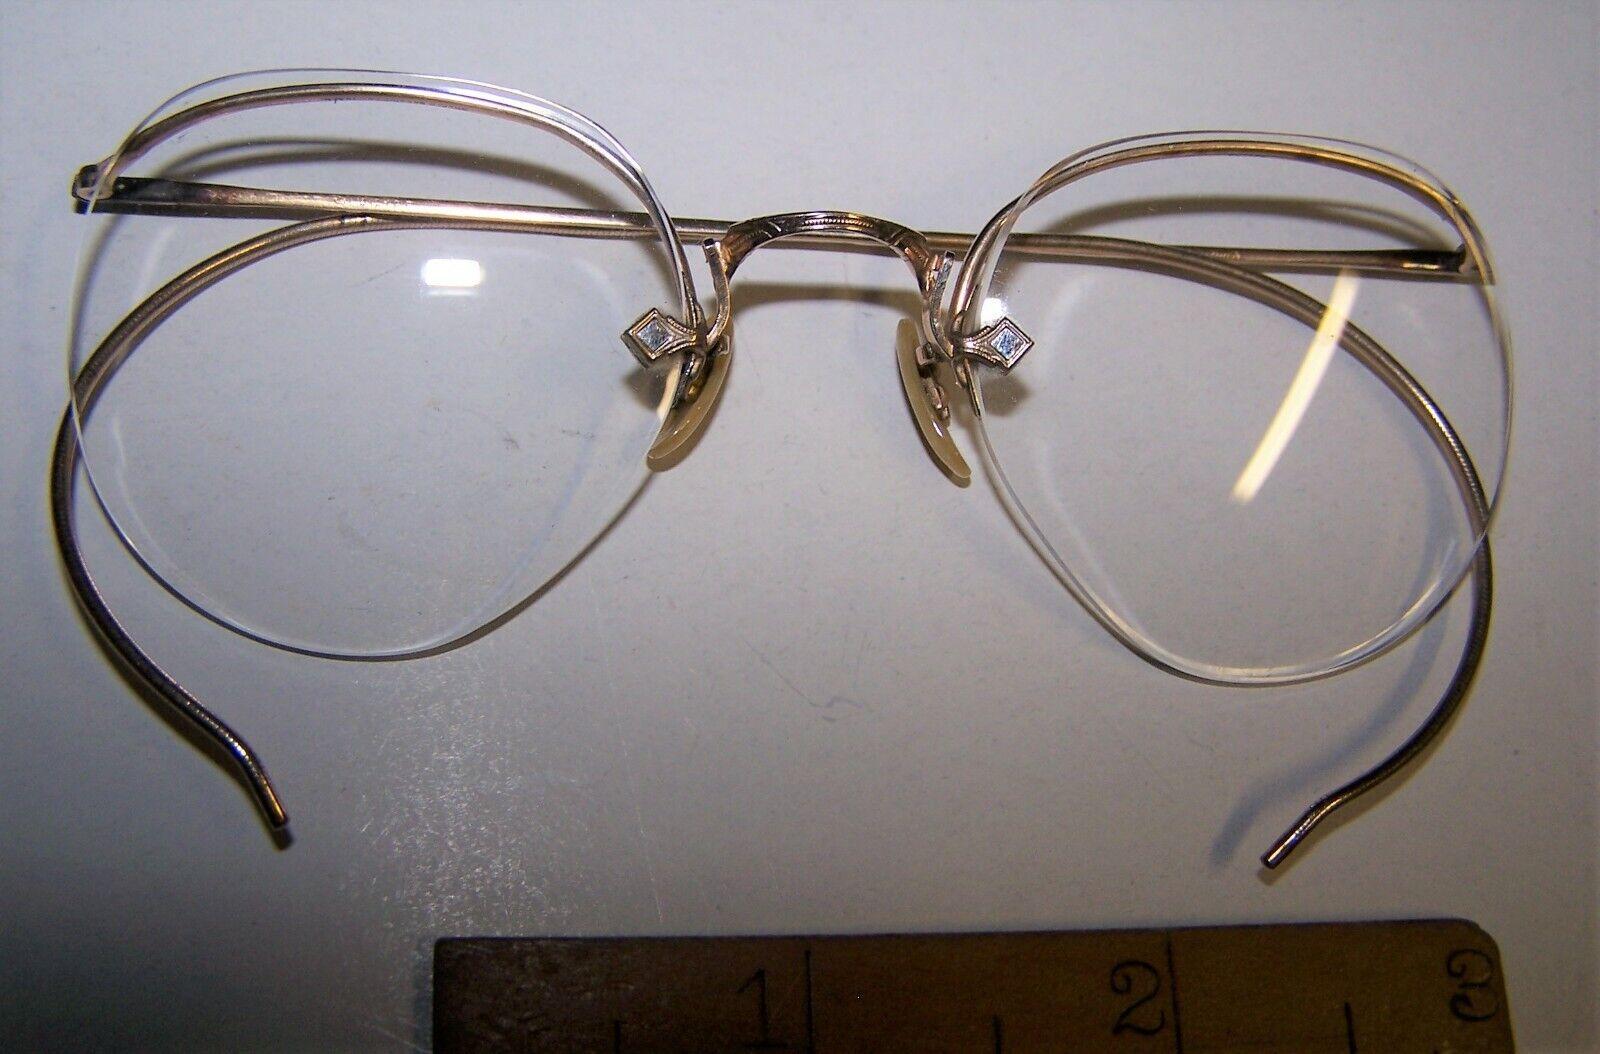 Gold Filled Art Deco Eyeglasses Vintage 1920s 1/10 12K Gold Wire Rimmed Shuron